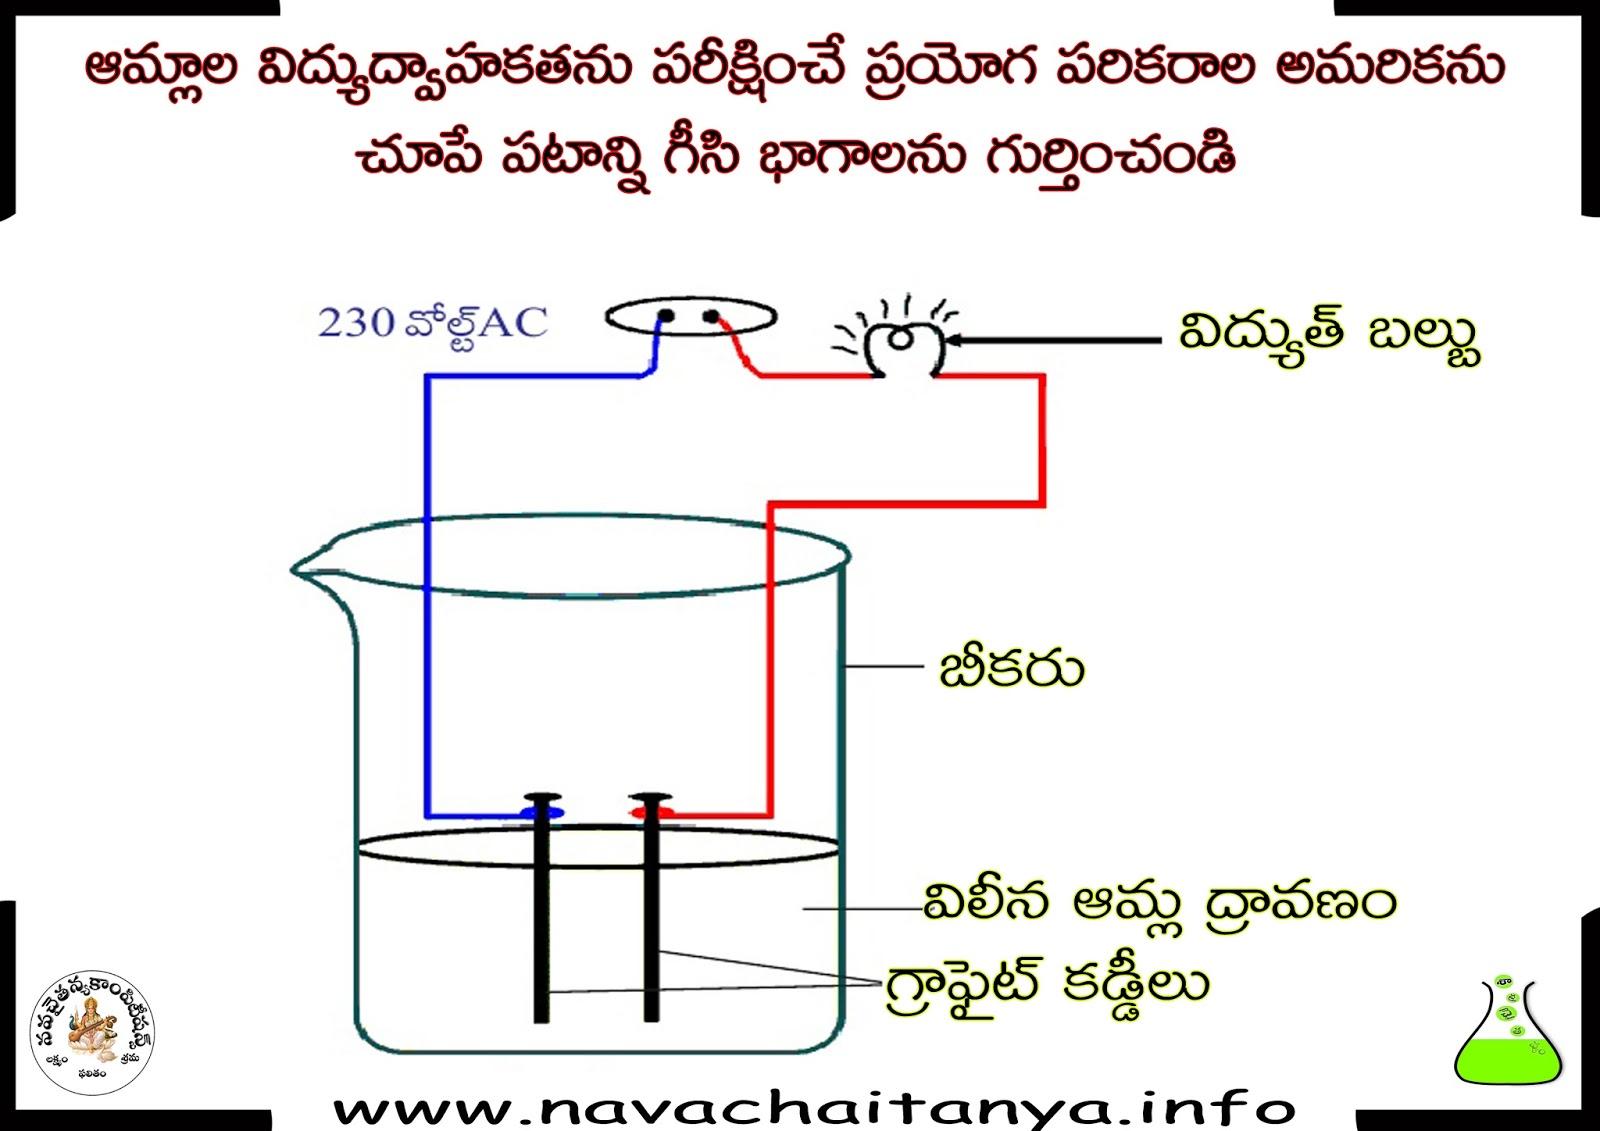 10th Class Physical Science Diagrams   U0c06 U0c2e U0c4d U0c32 U0c3e U0c32  U0c35 U0c3f U0c26 U0c4d U0c2f U0c41 U0c26 U0c4d U0c35 U0c3e U0c39 U200c U0c15